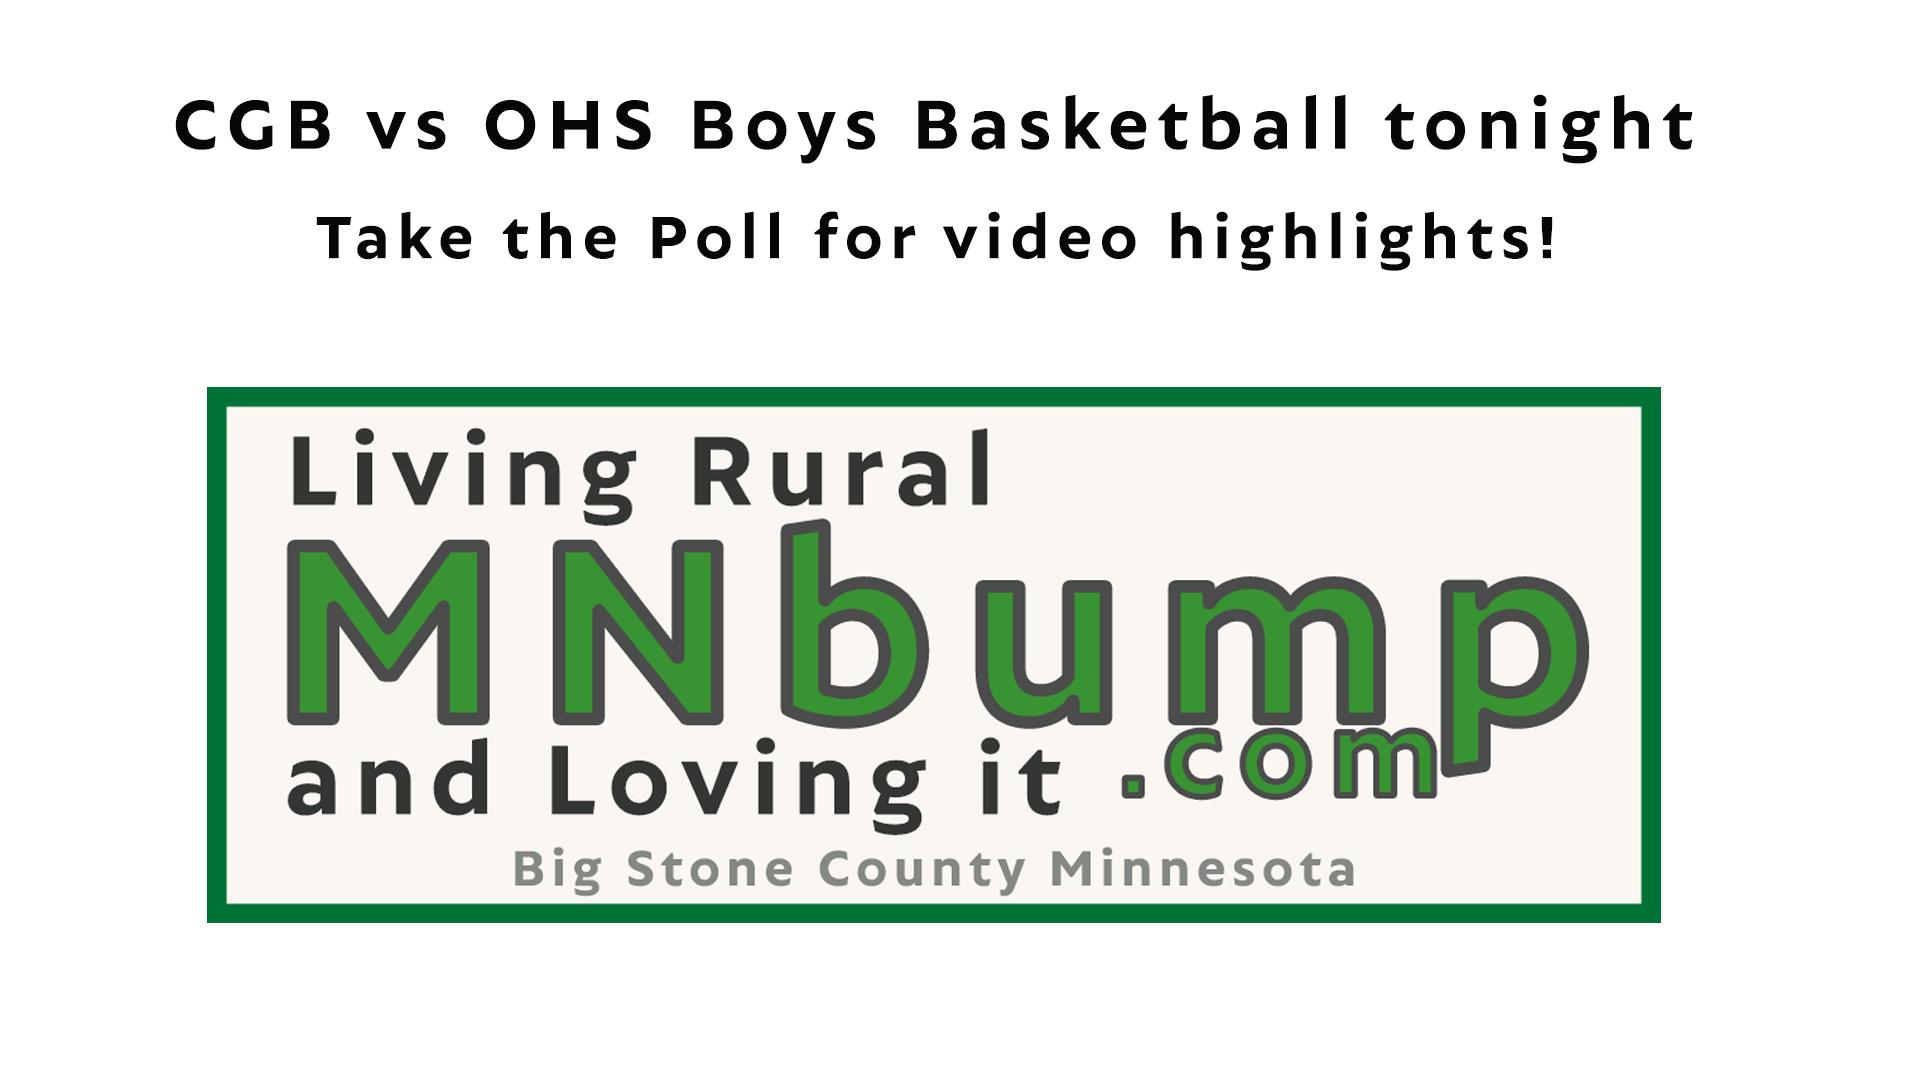 CGB vs OHS Boys Basketball 7th & 8th